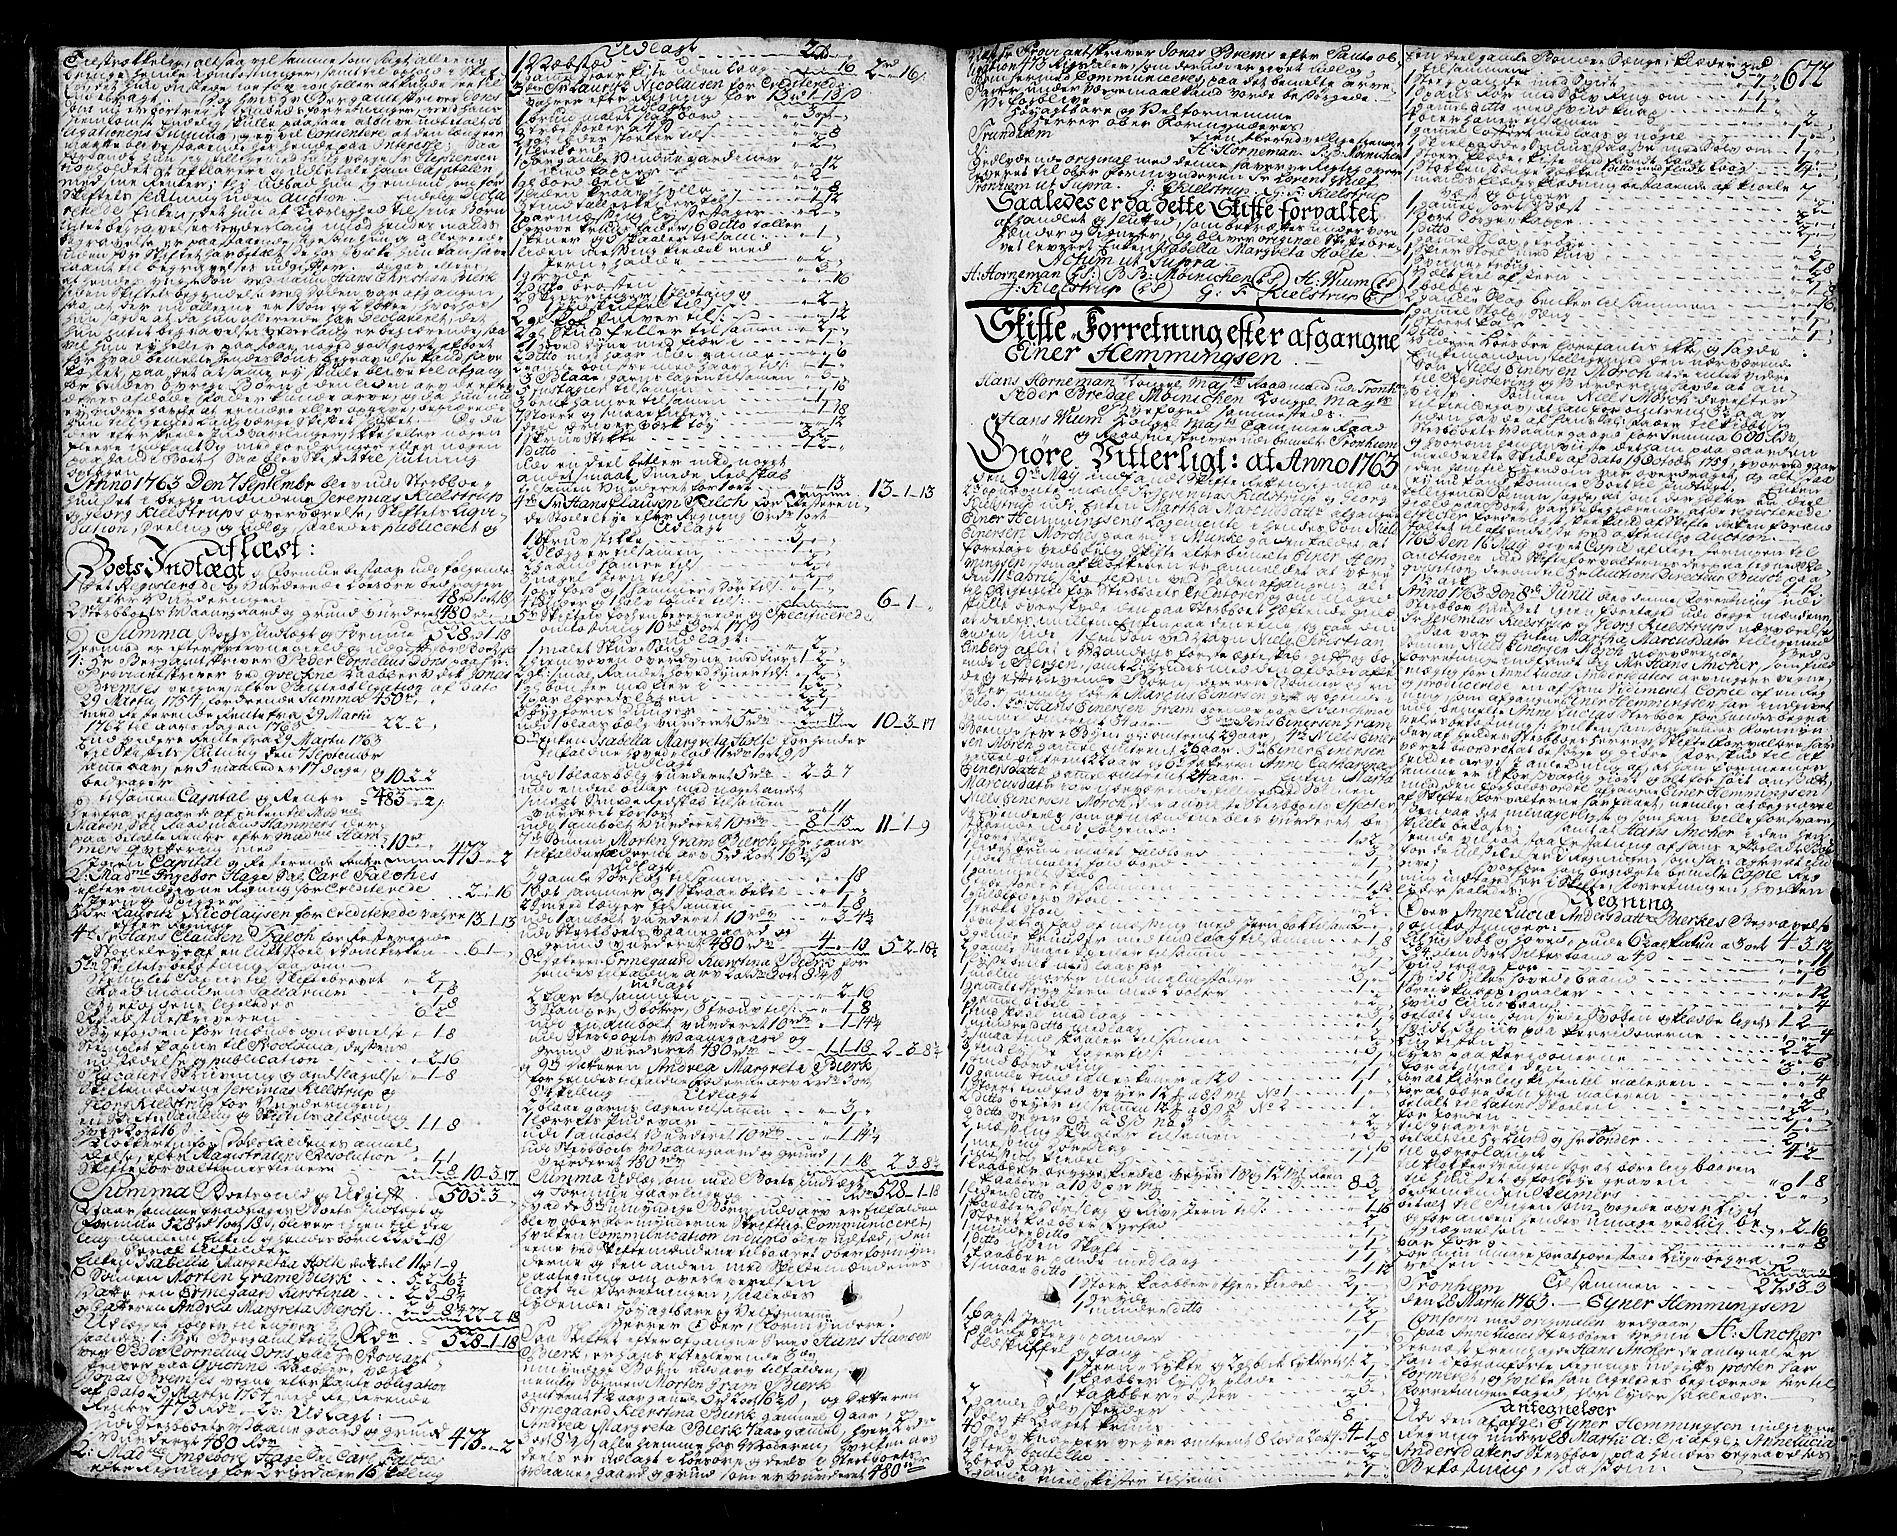 SAT, Trondheim byfogd, 3/3A/L0020: Skifteprotokoll - gml.nr.17. (m/ register) U, 1758-1765, p. 671b-672a